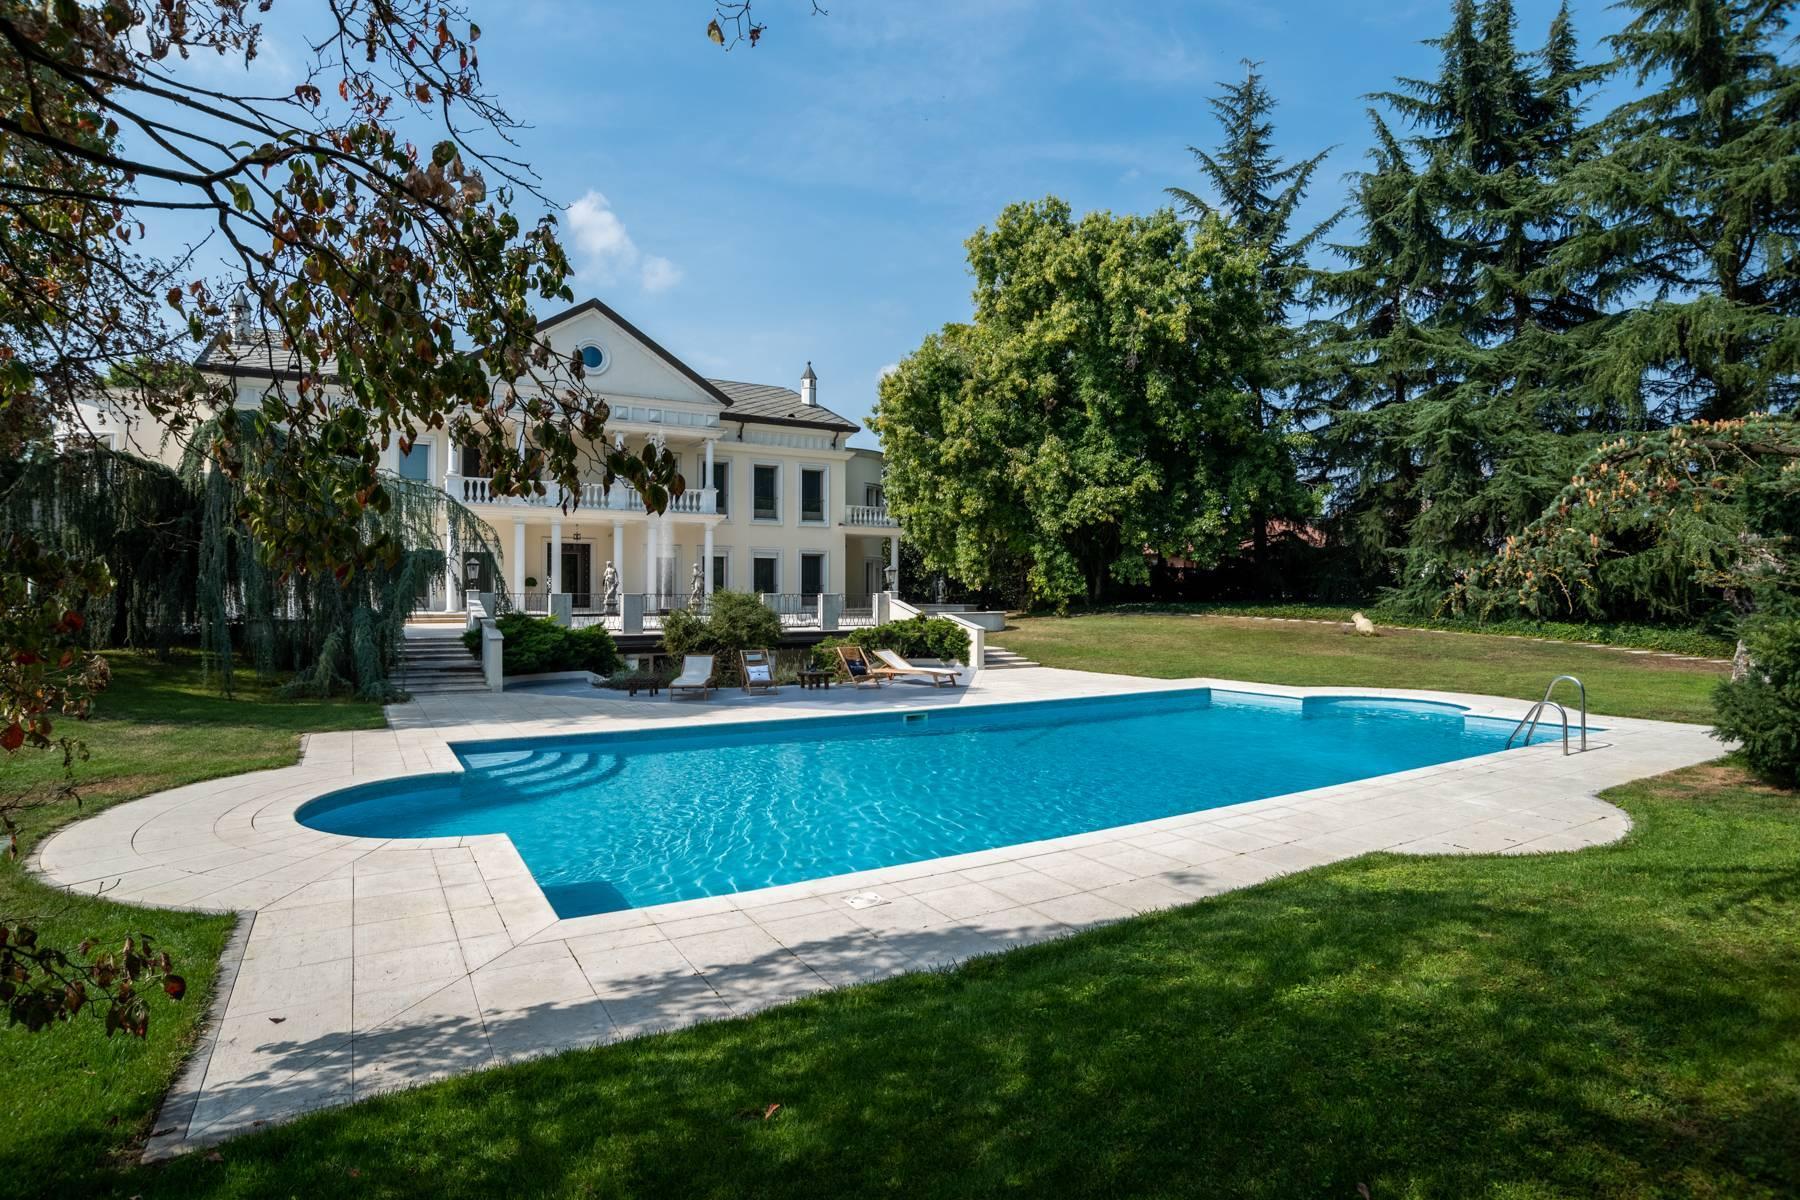 Lussuosa villa neoclassica con ampio parco e piscina - 44